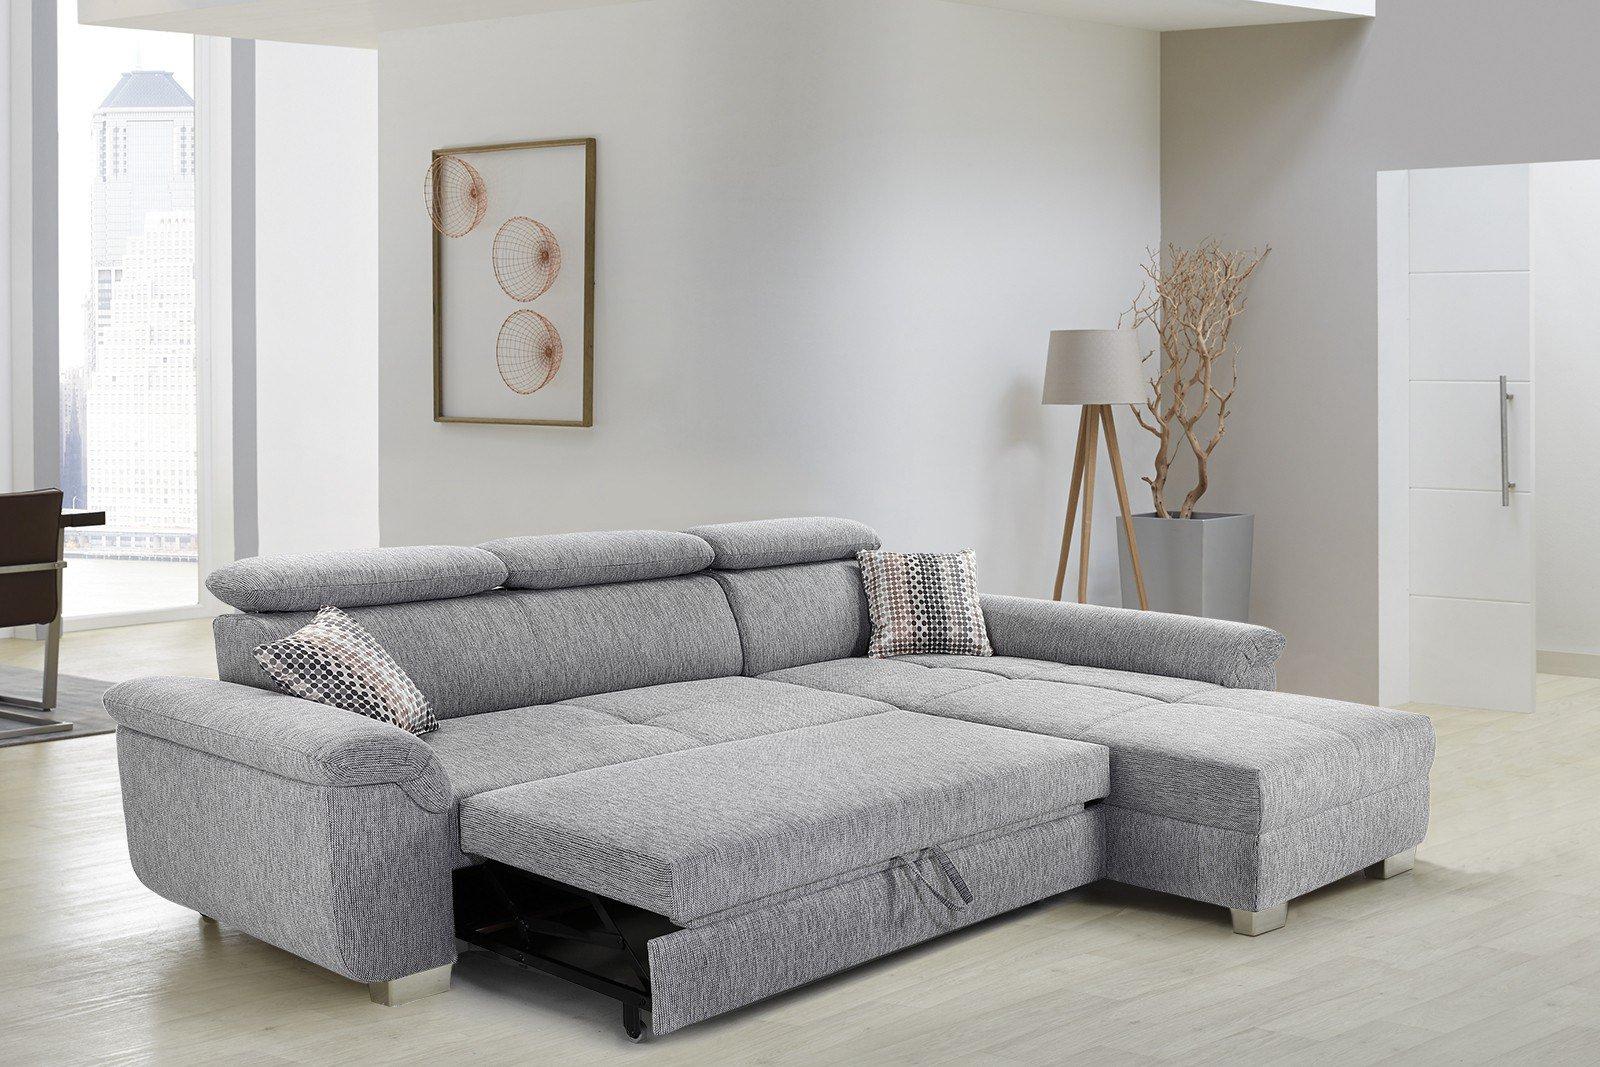 Jockenhöfer Landshut Eckcouch grau | Möbel Letz - Ihr Online-Shop